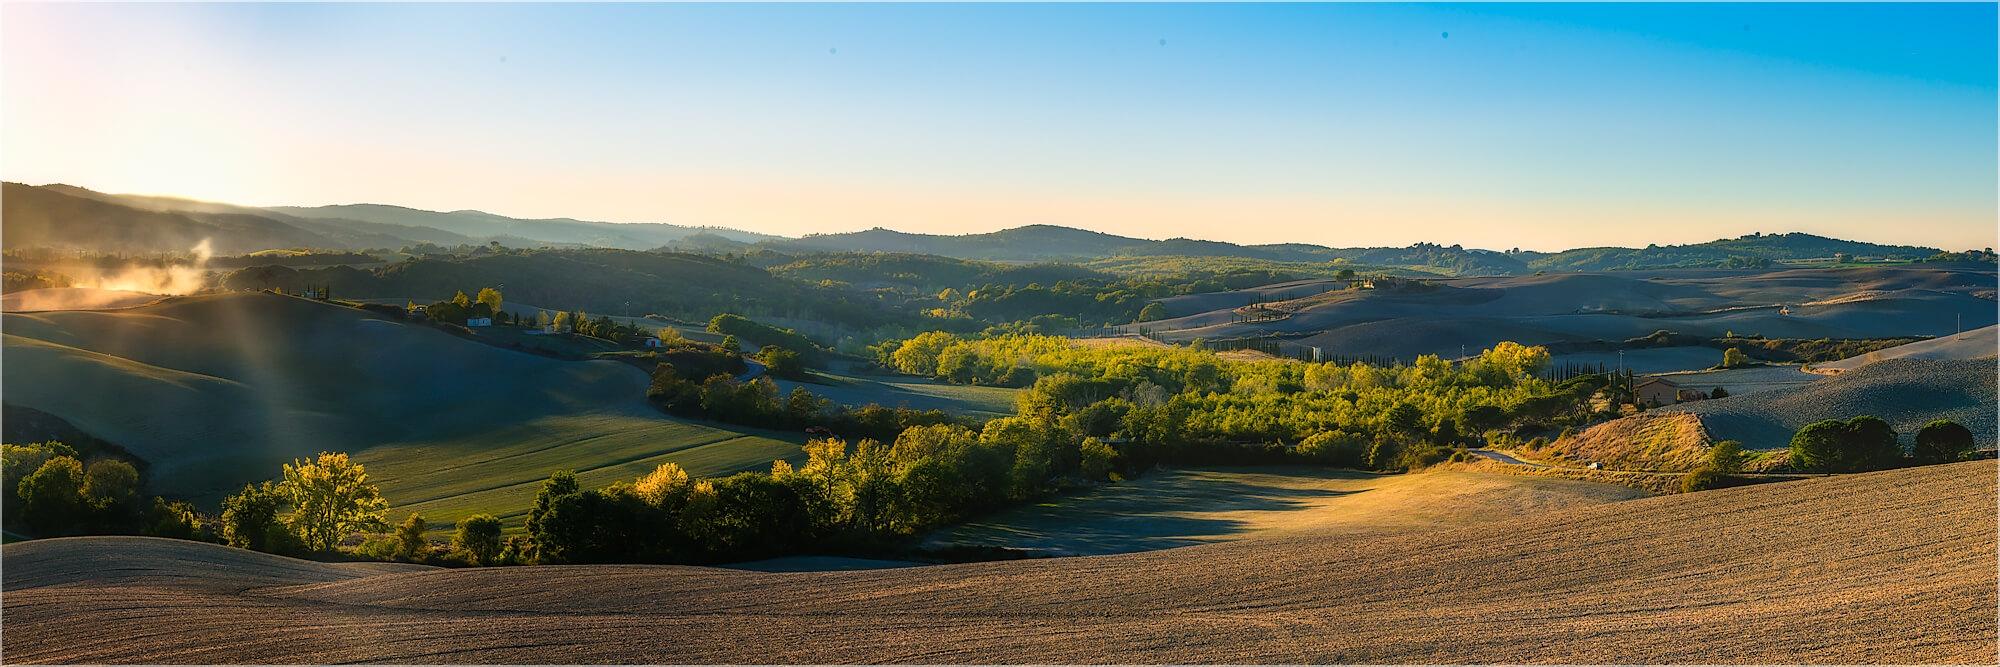 Panoramabild Landschaft der Toskana Italien